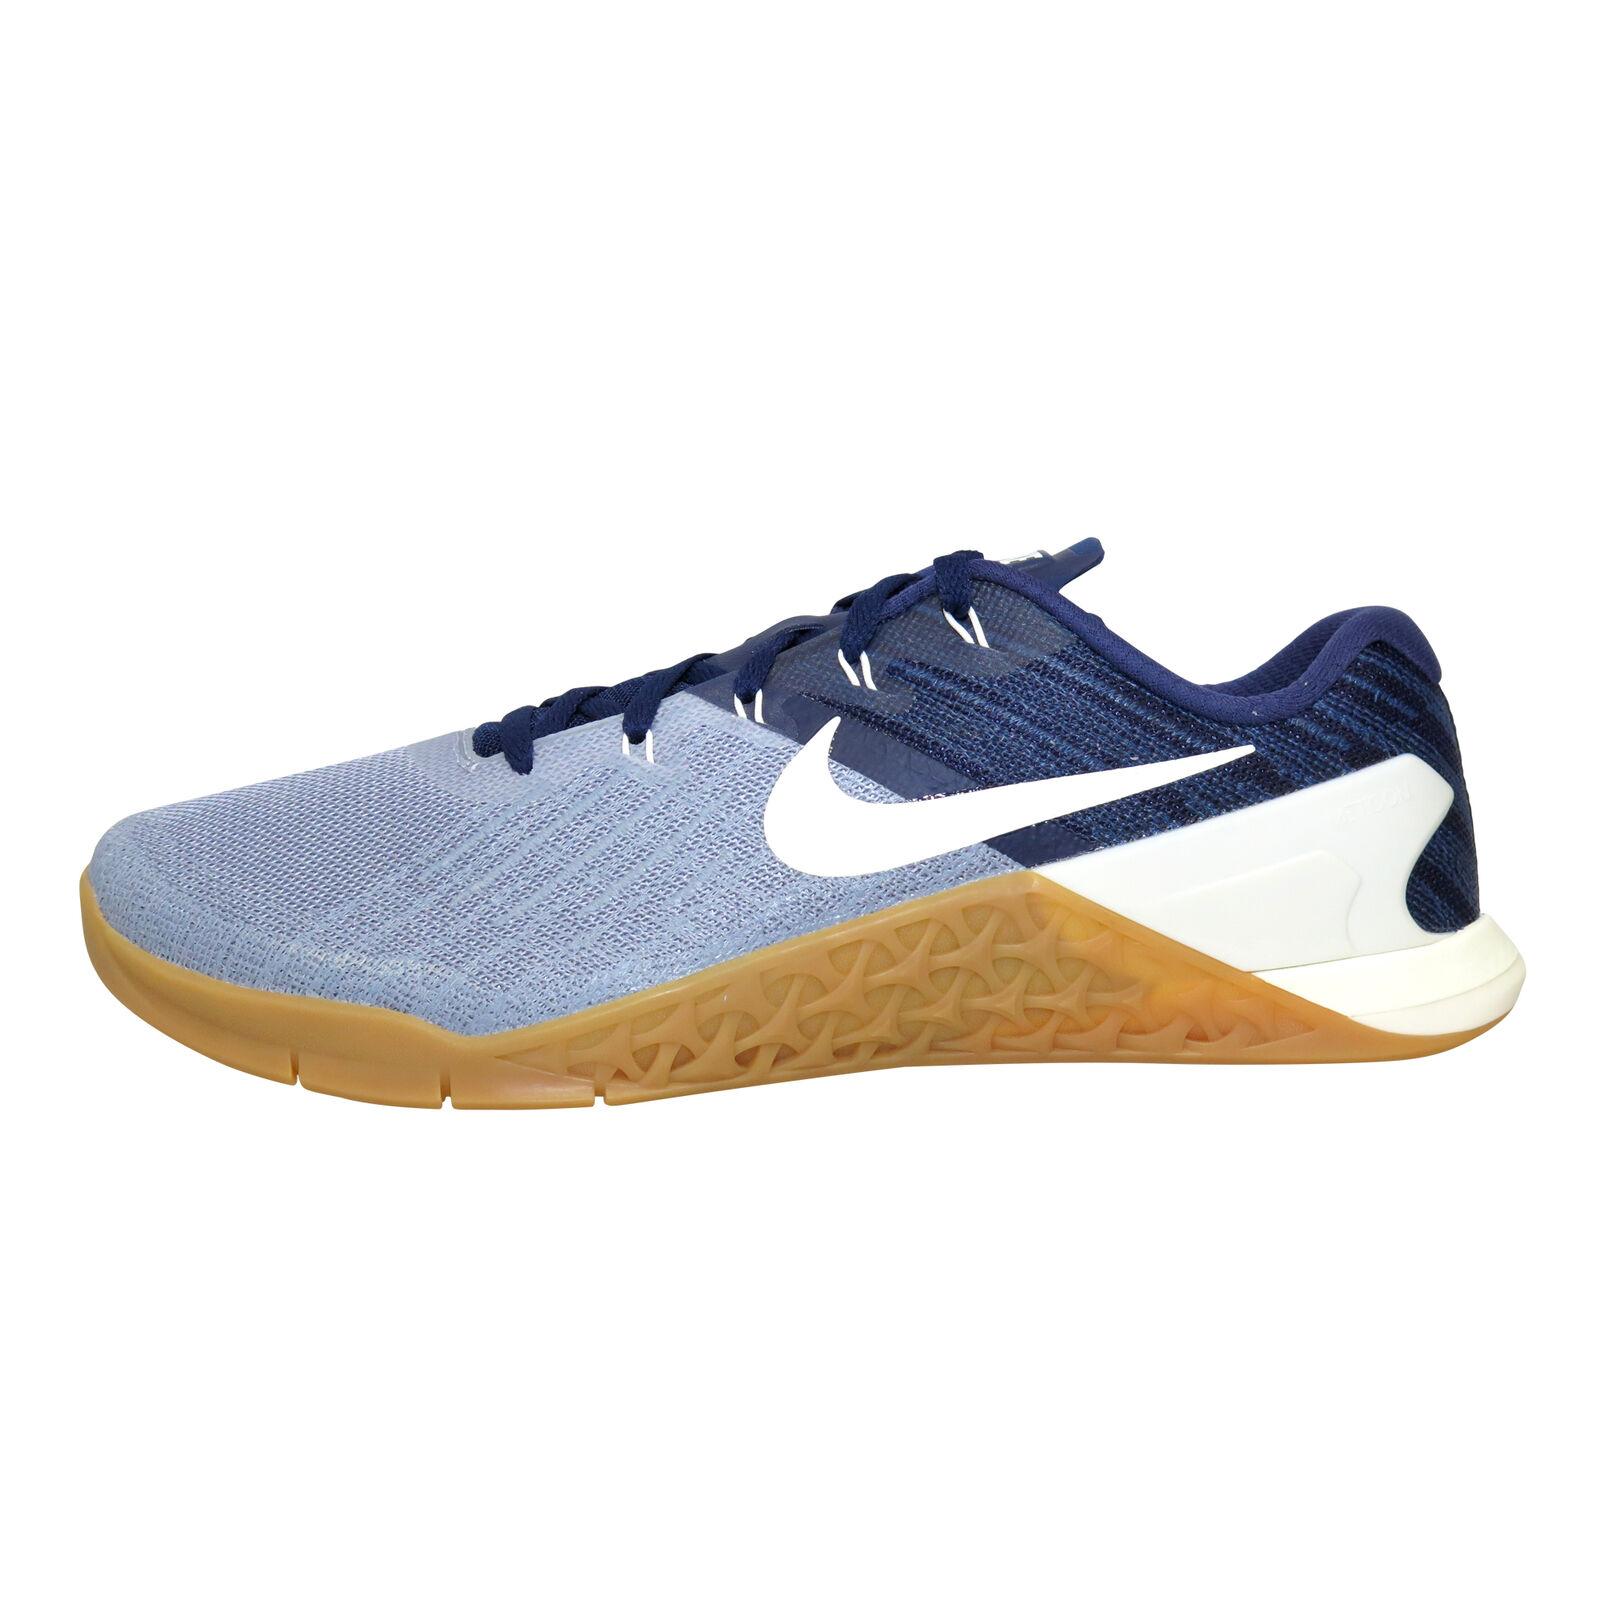 Nike Metcon 3 Grå träningsskor för män - 852928 -013